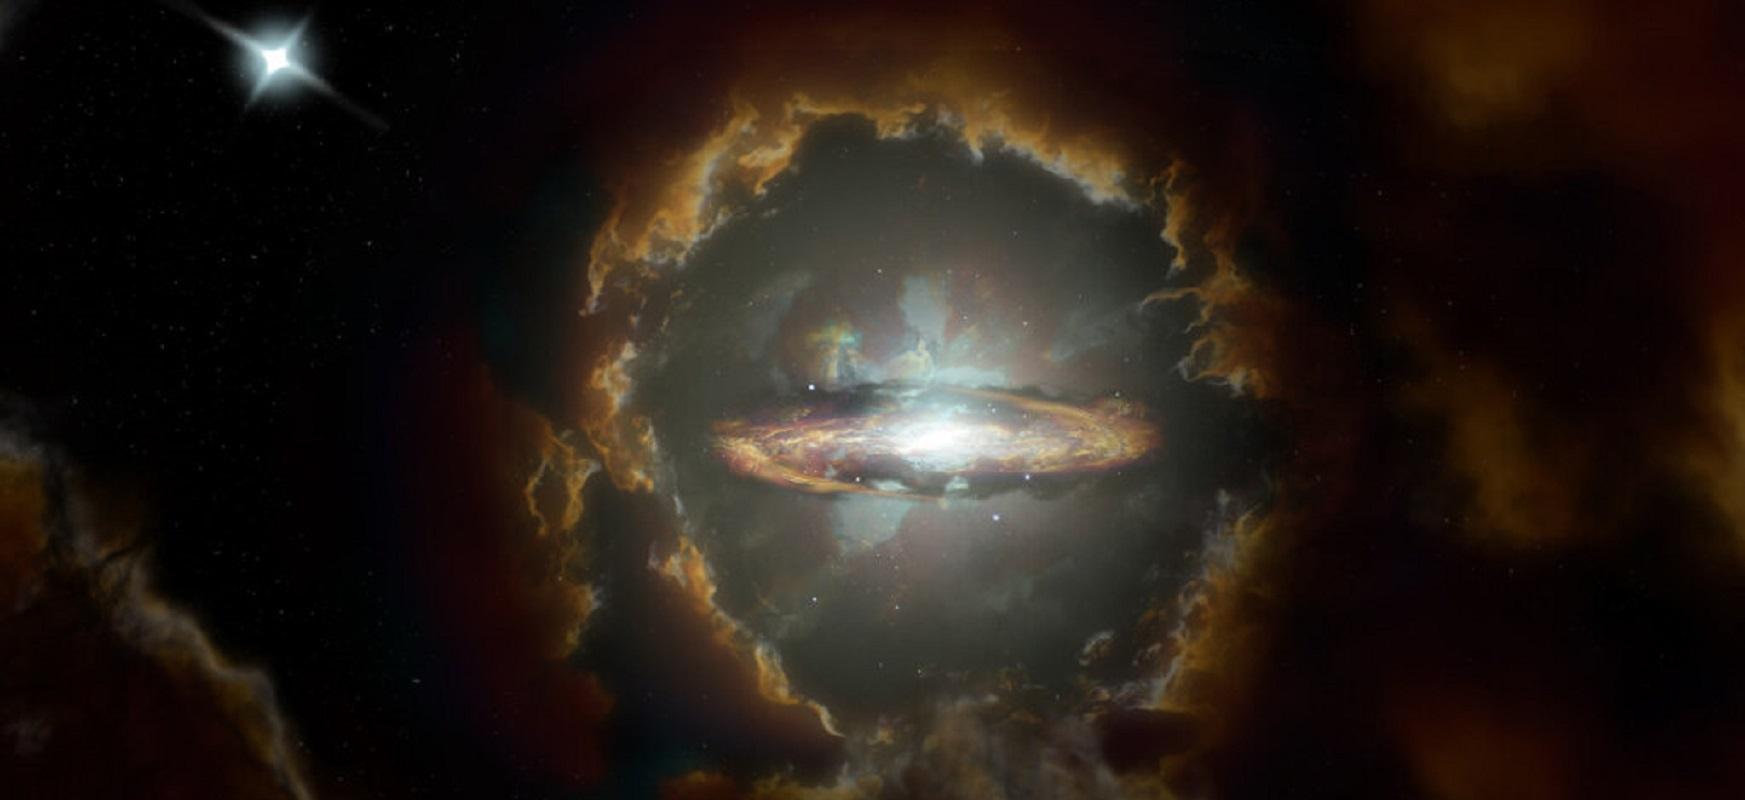 Galaxia espirale birakorra eta masiboa, unibertso hasieran  Ez zuen ustez